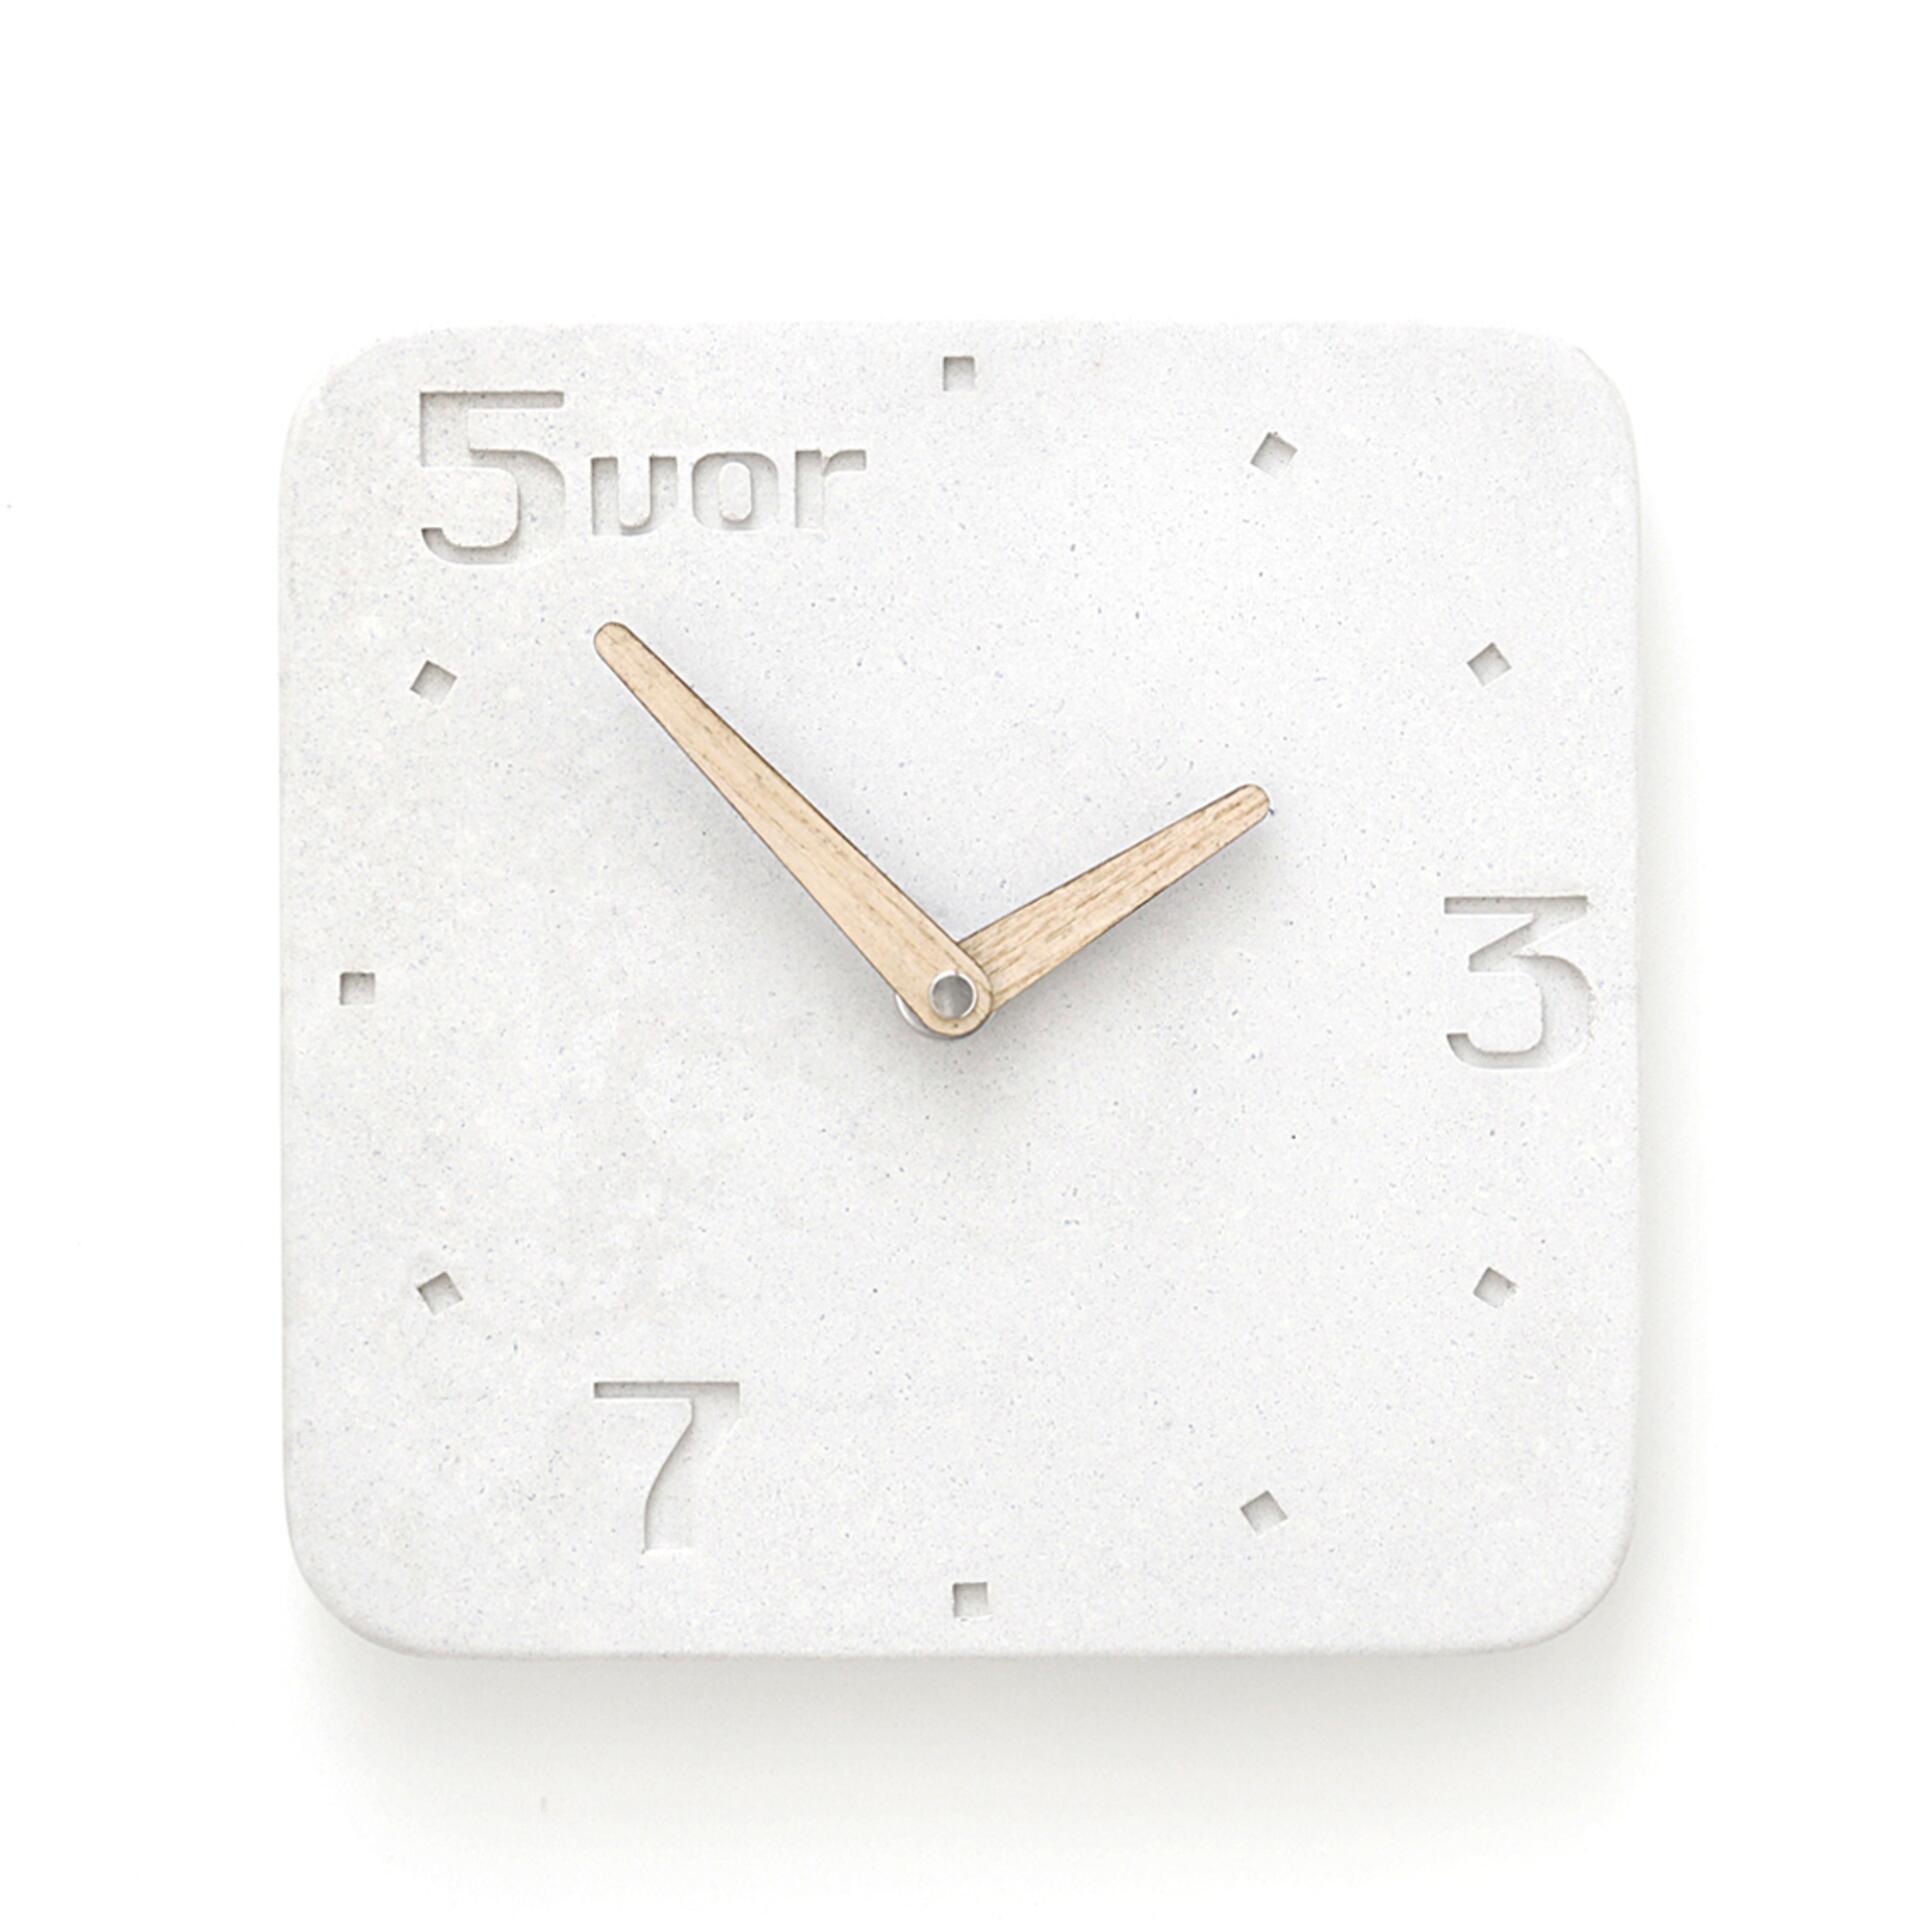 Wertwerke Designuhr aus Beton 5VOR Weiß 30 x 30 cm Esche Vollflächig